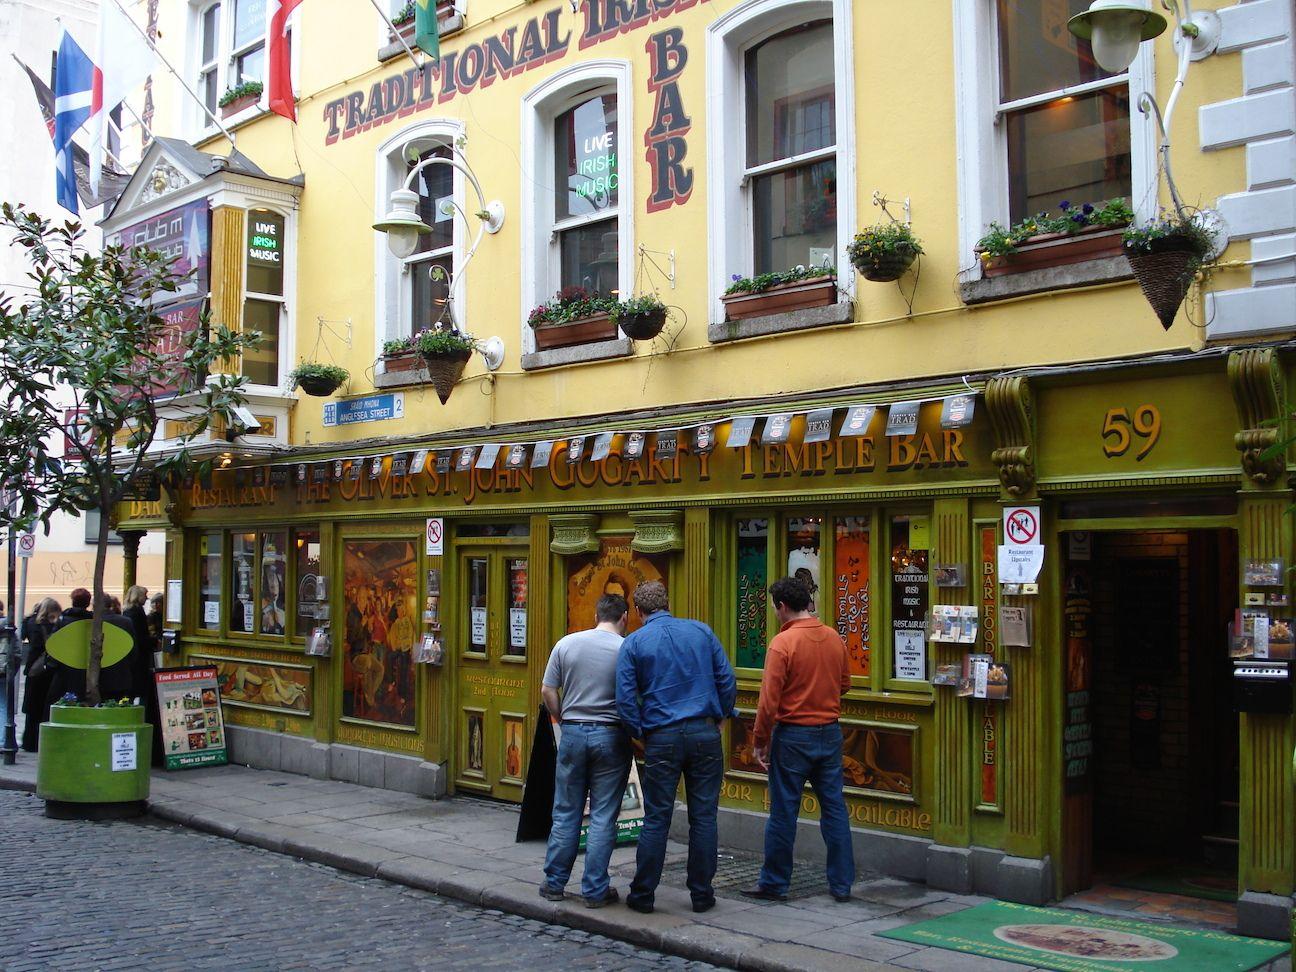 Temple_Bar_Dublin_Ireland